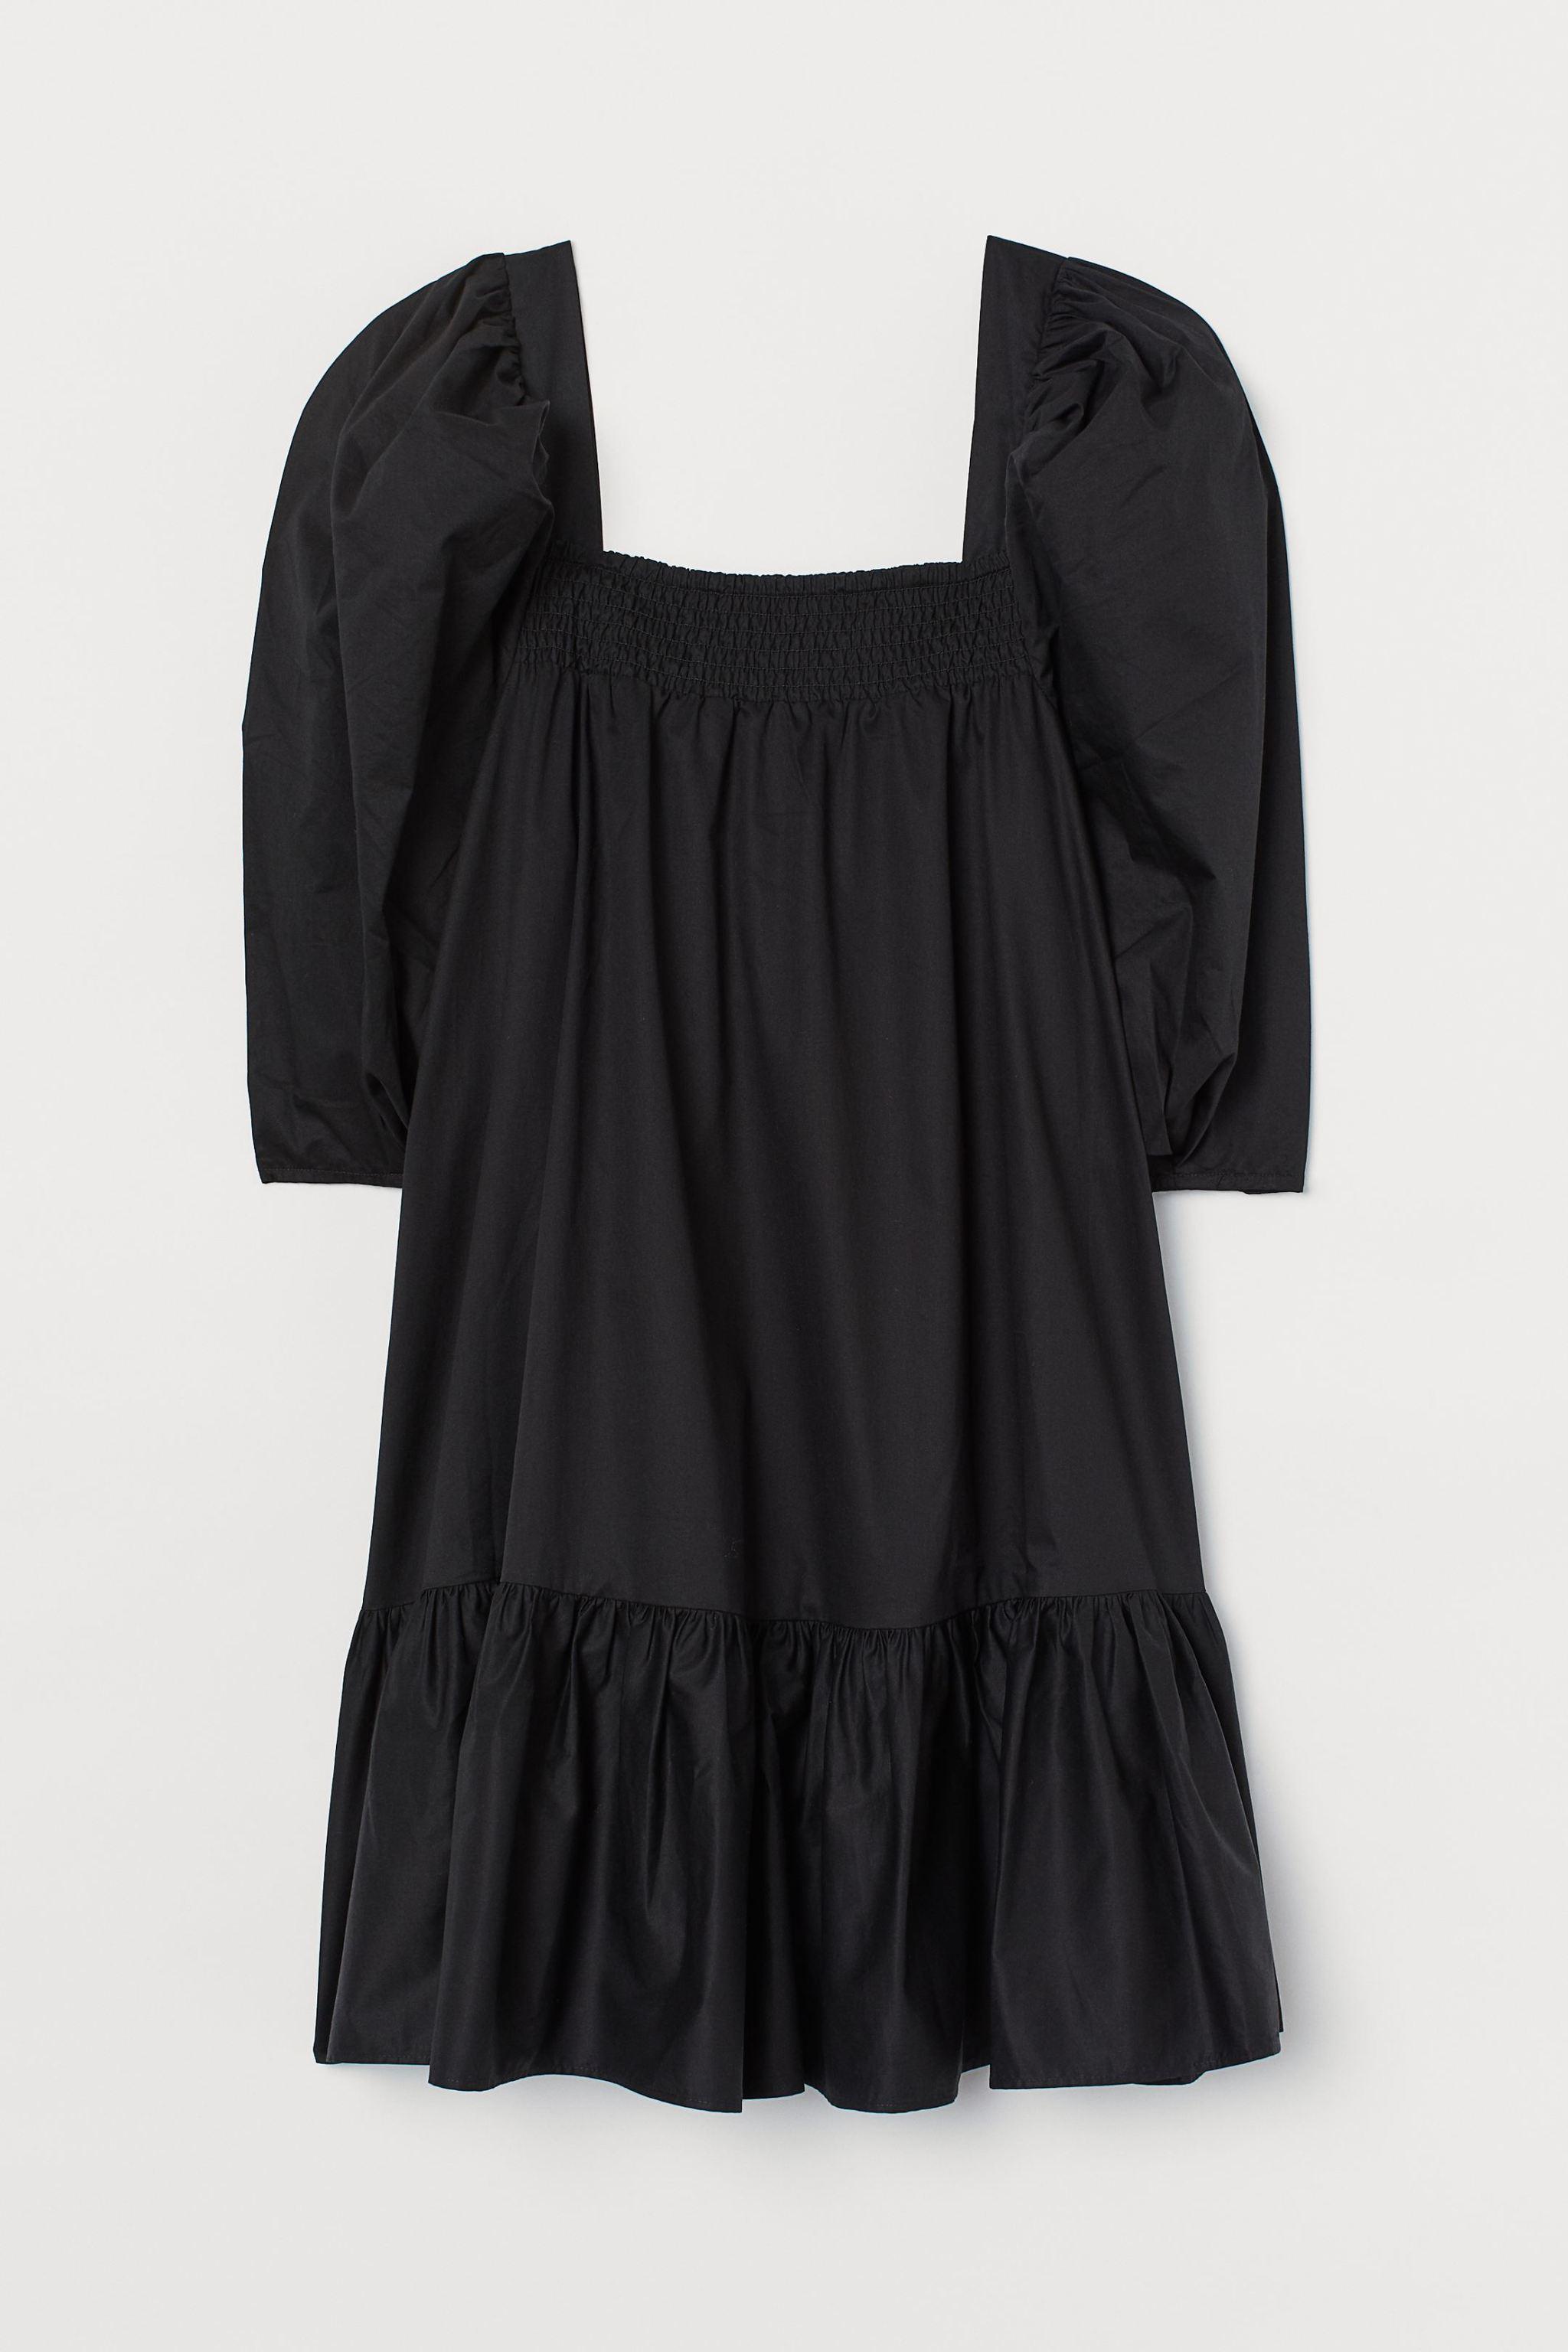 Vestido de HM de la colección Conscious de este verano.